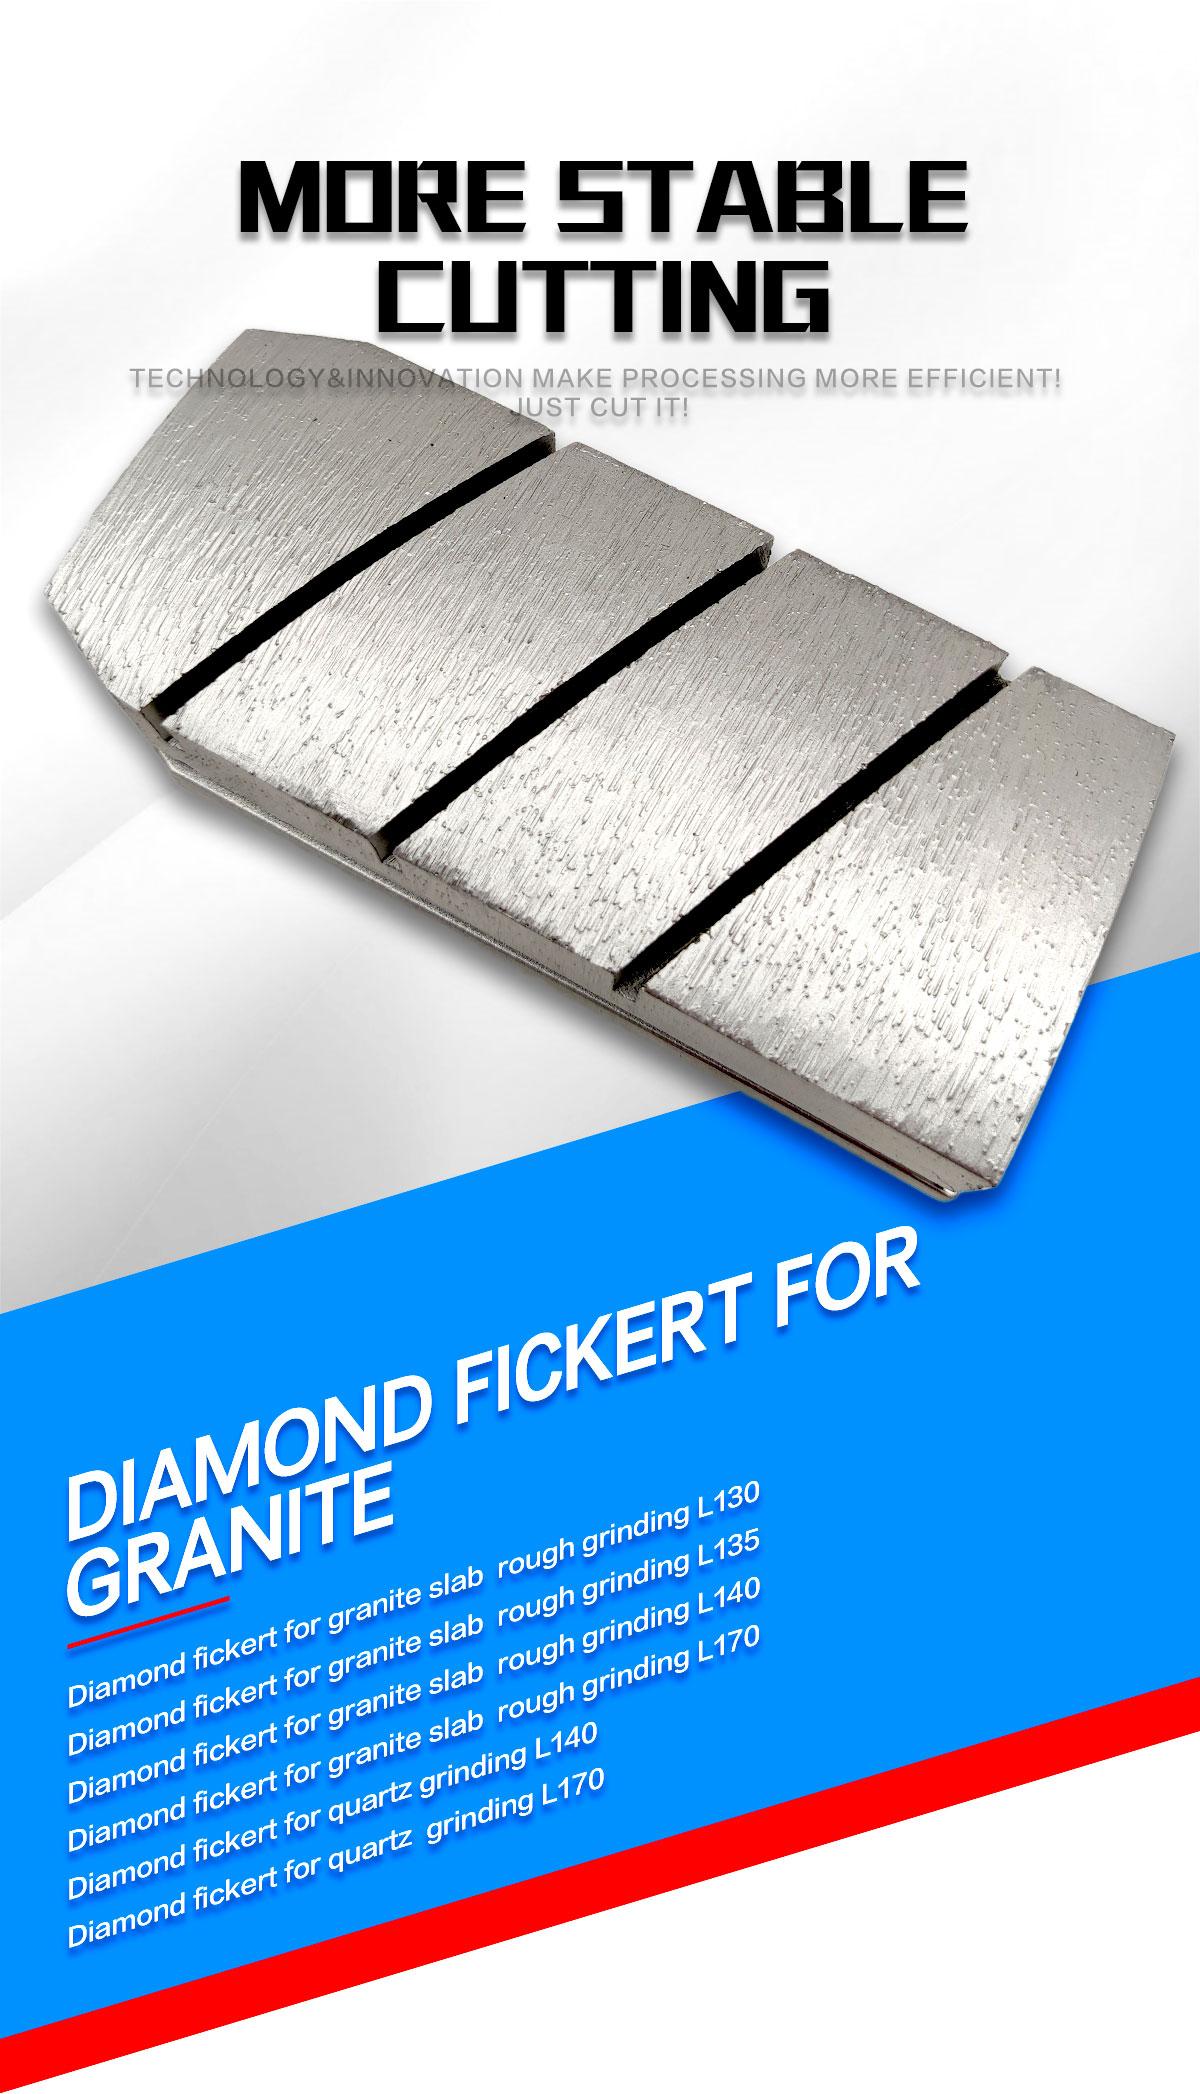 Diamond fickert for granite slab grinding